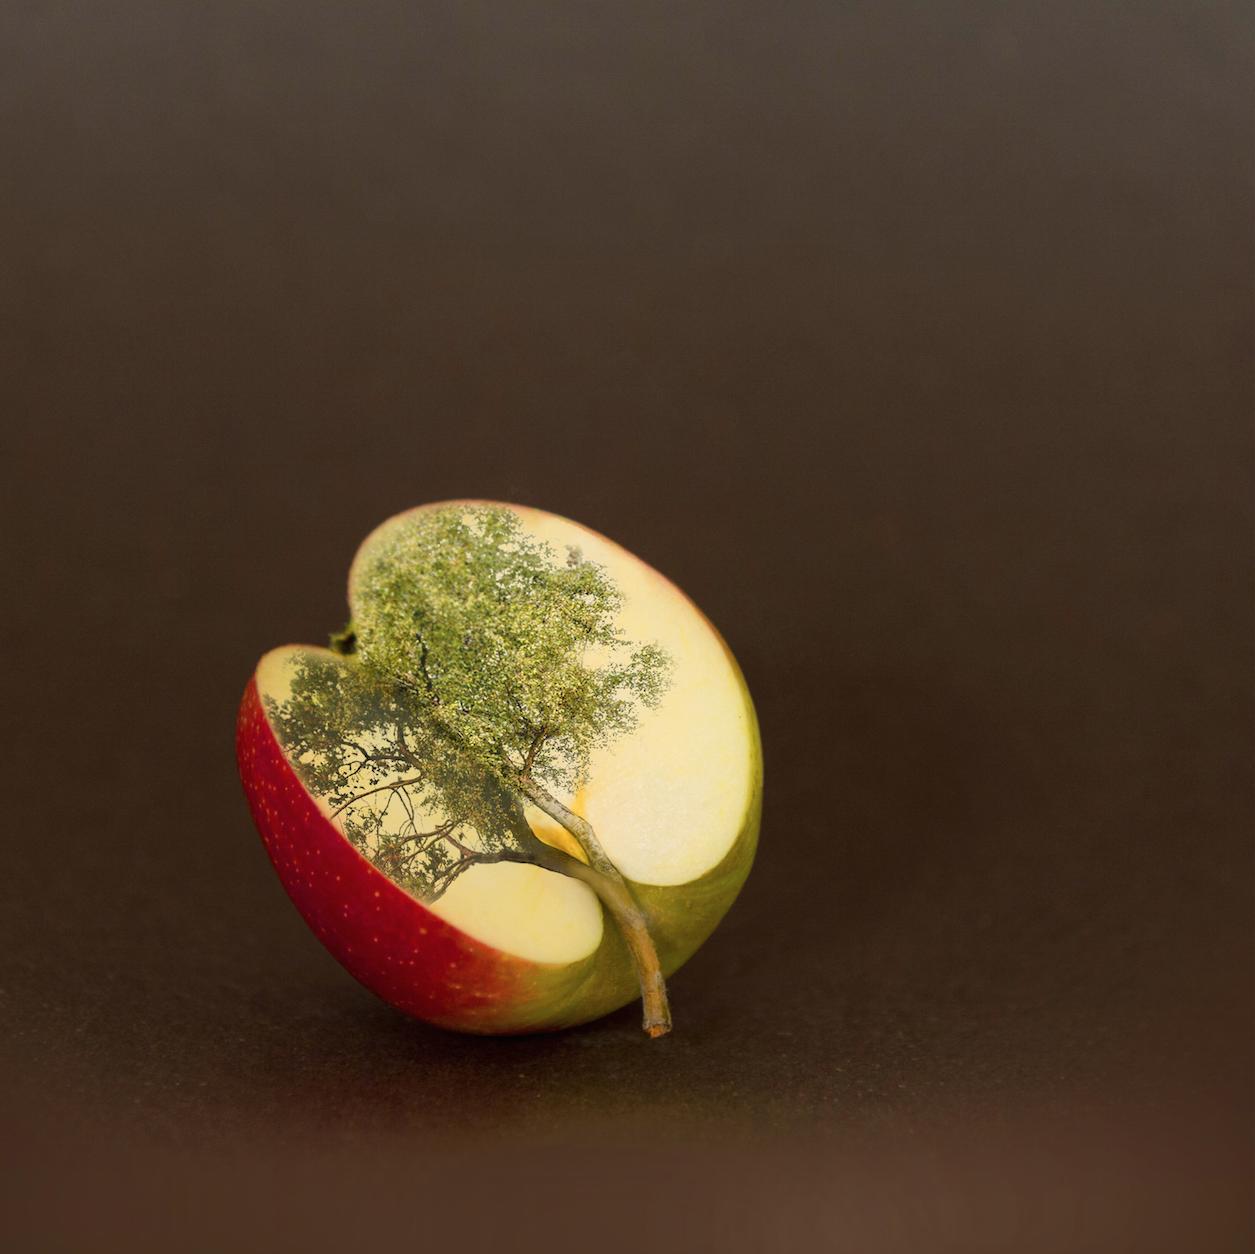 De appel valt niet ver van de boom.